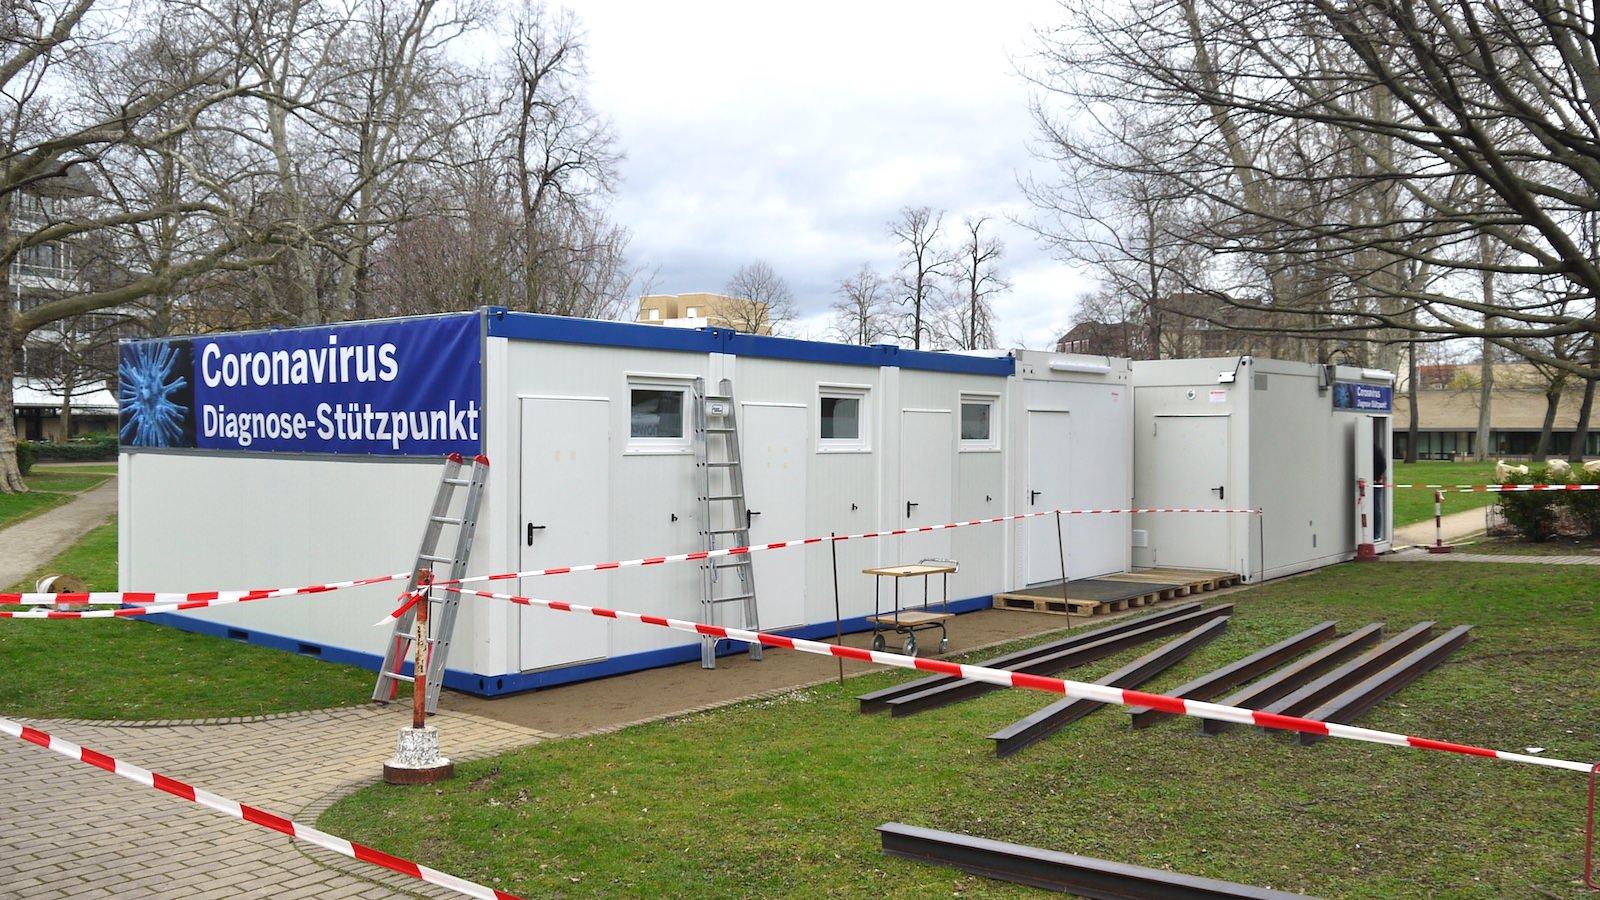 Der frisch aufgebaute Corona Diagnose-Stützpunkt auf dem Gelände des Universitätsklinikums   Foto: M. Schülke